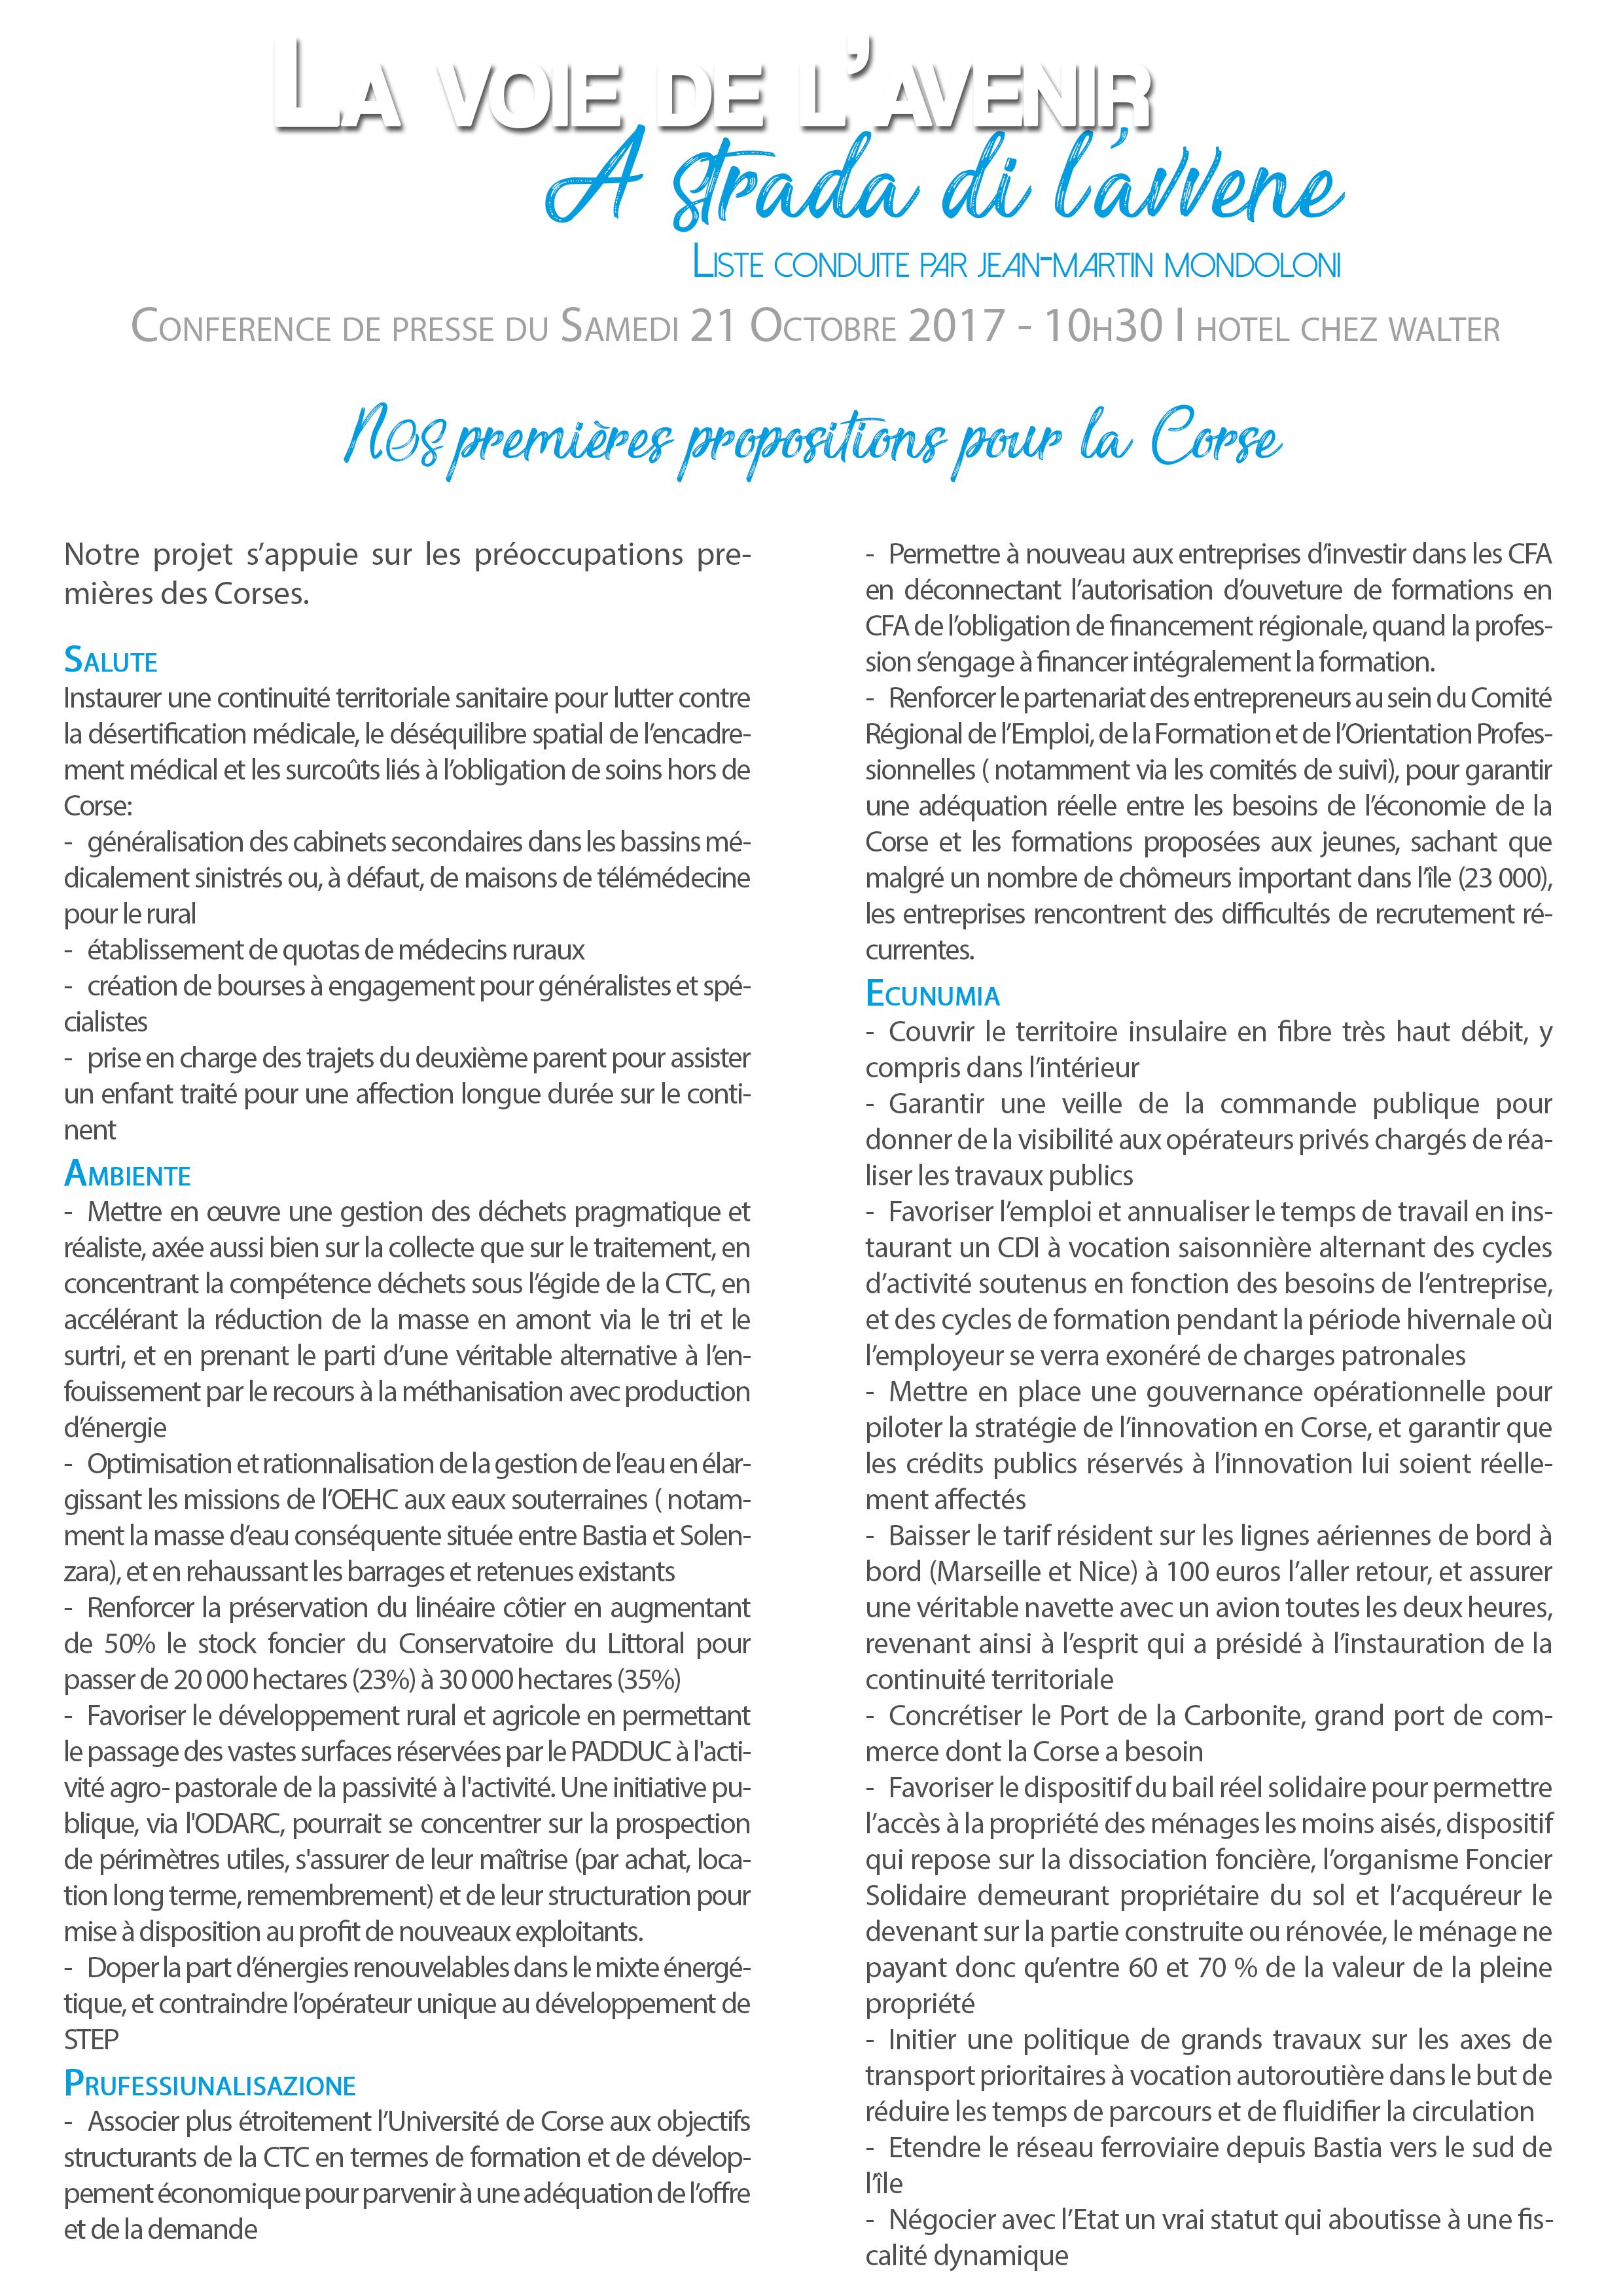 Territoriales : Jean-Martin Mondoloni dévoile les prémices de sa liste et de son projet